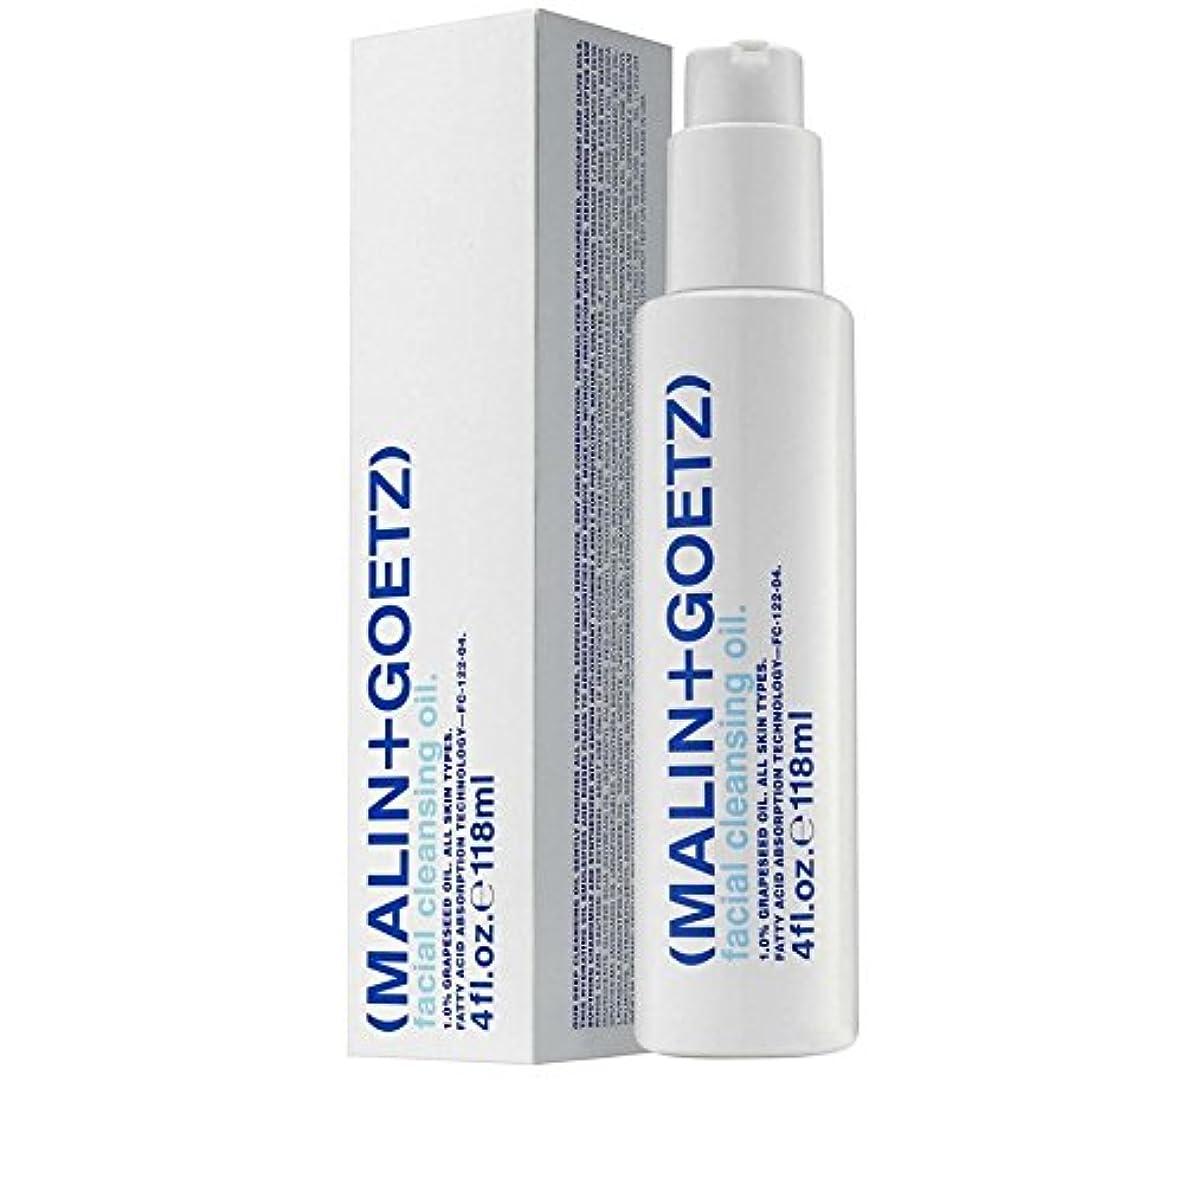 パンチしかしレンダーマリン+ゲッツ洗顔オイル118ミリリットル x2 - MALIN+GOETZ Facial Cleansing Oil 118ml (Pack of 2) [並行輸入品]